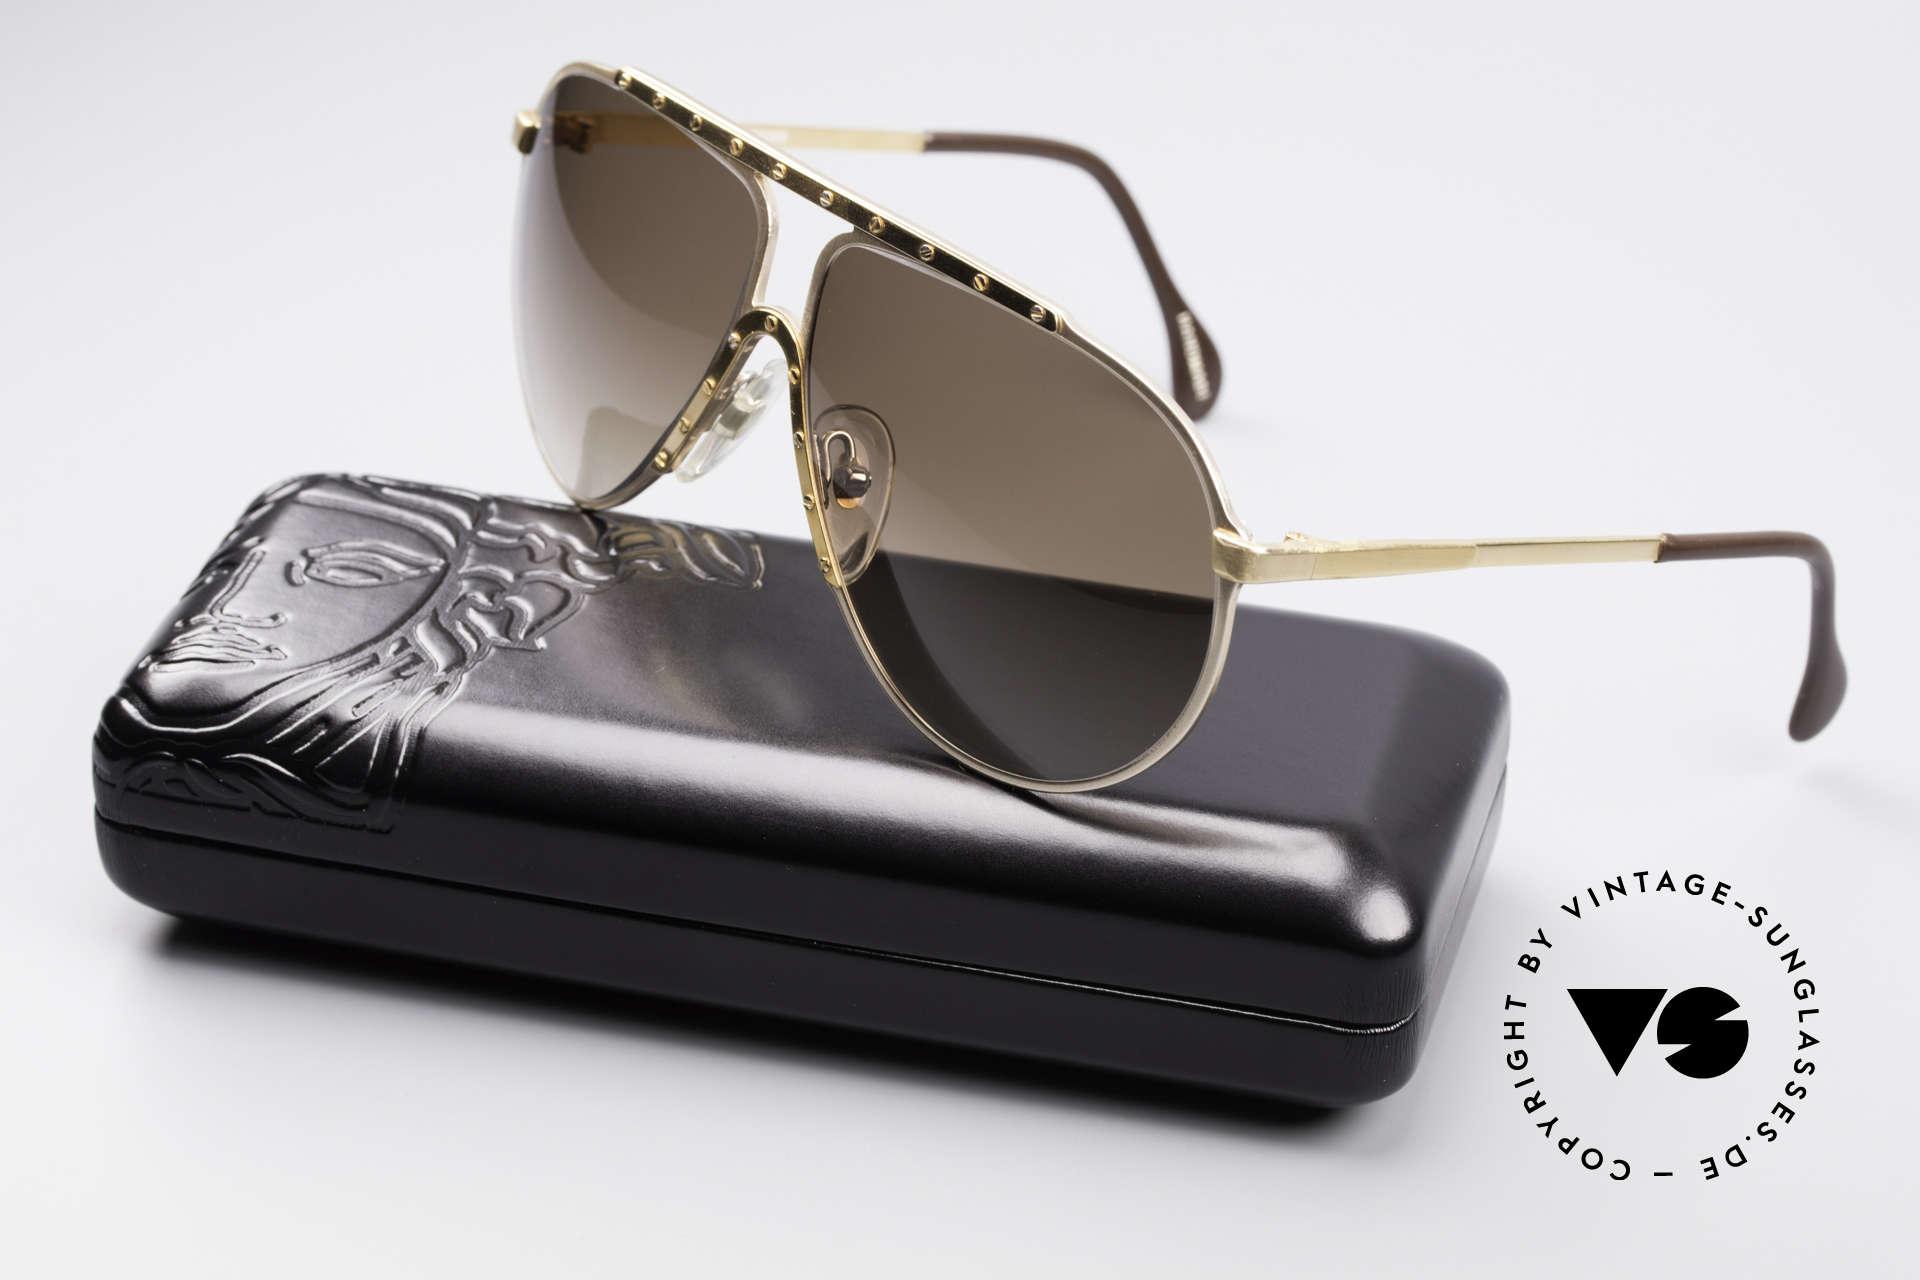 Sonnenbrillen Alpina M1 80er Vintage No Retro Brille | Vintage ...